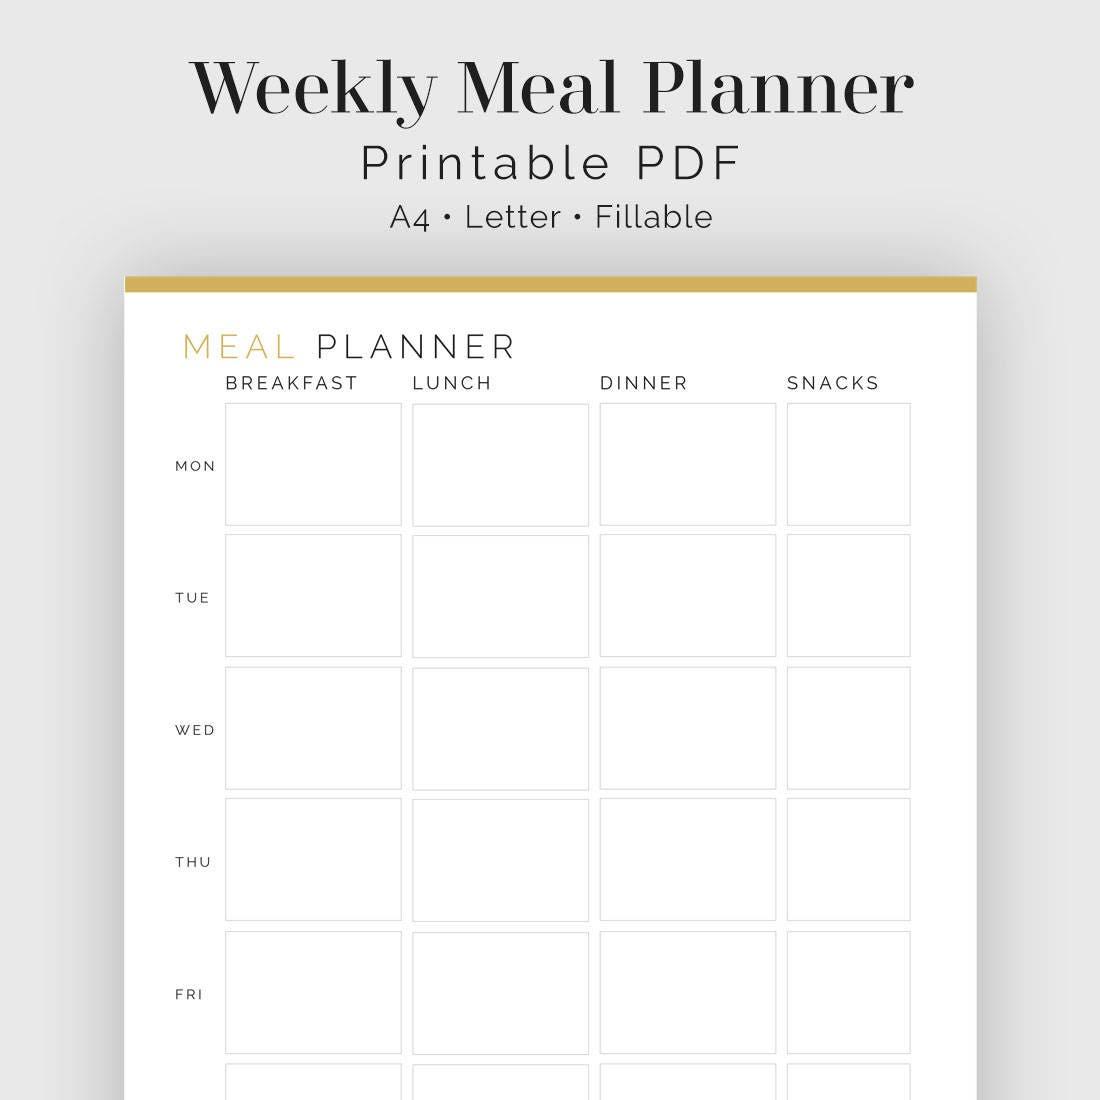 Wöchentliche Mahlzeit Planer ausfüllbaren druckbare PDF